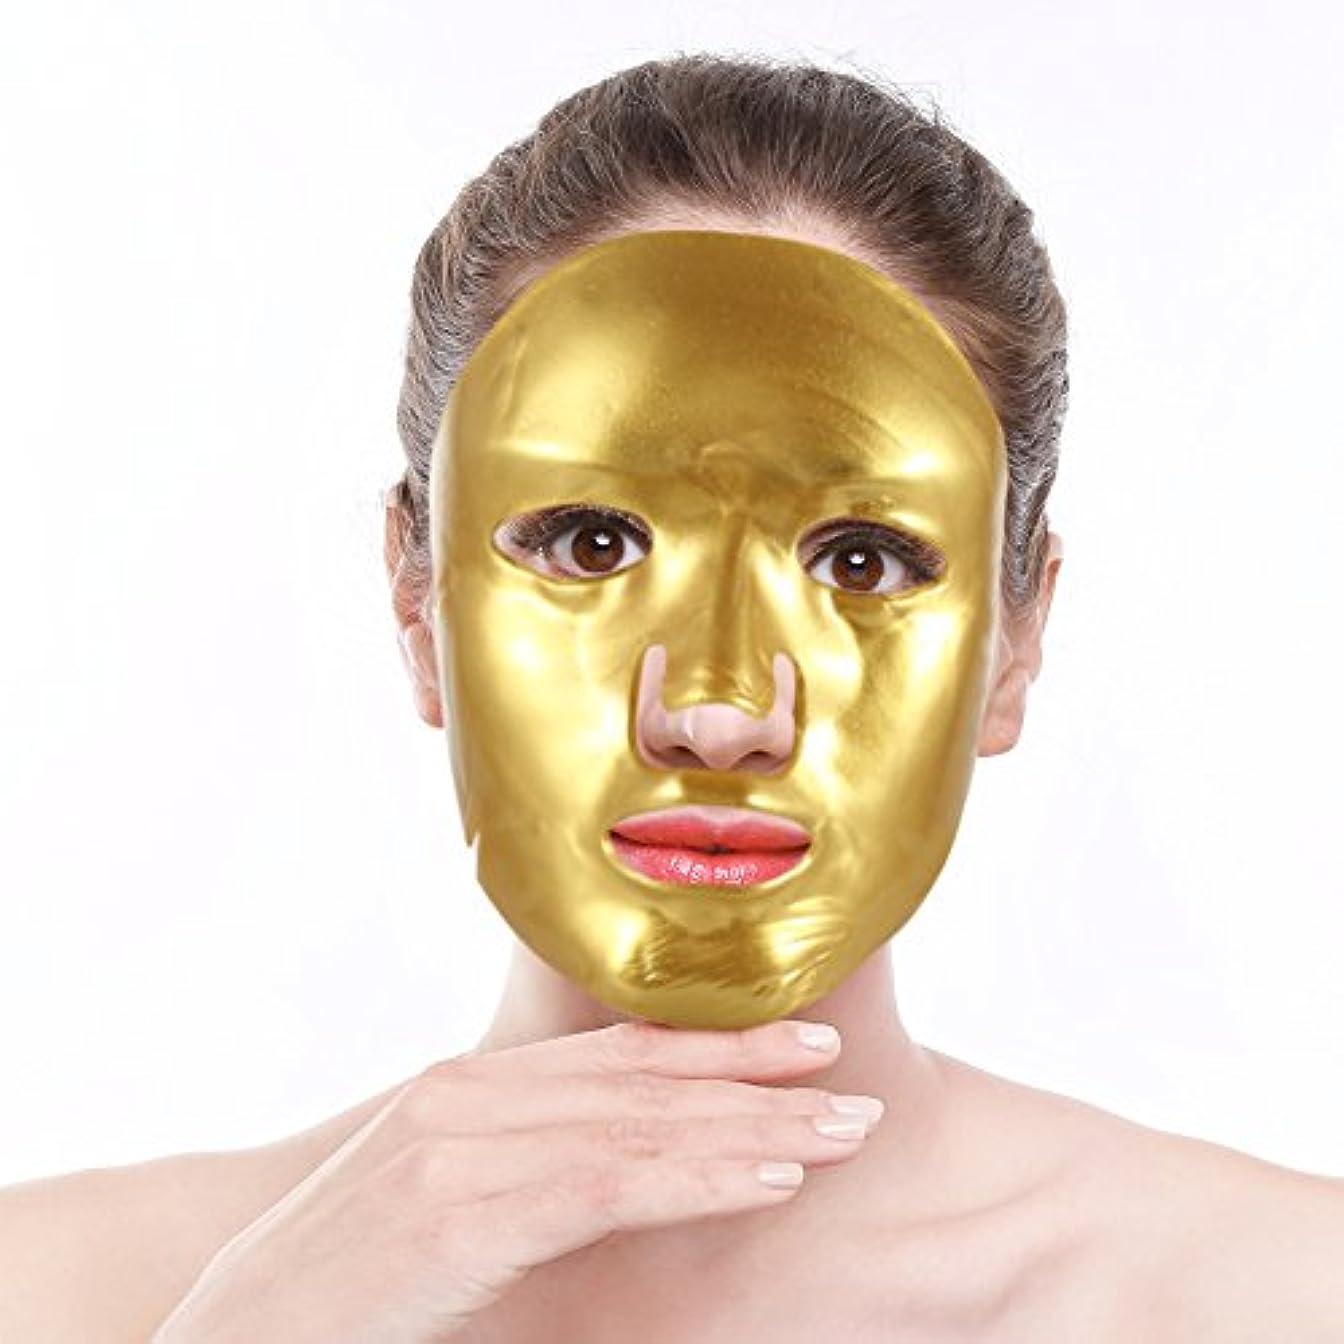 容量浸す頼むフェイススキンケアクリスタルコラーゲンマスクゴールドパウダーモイスチャー マスク